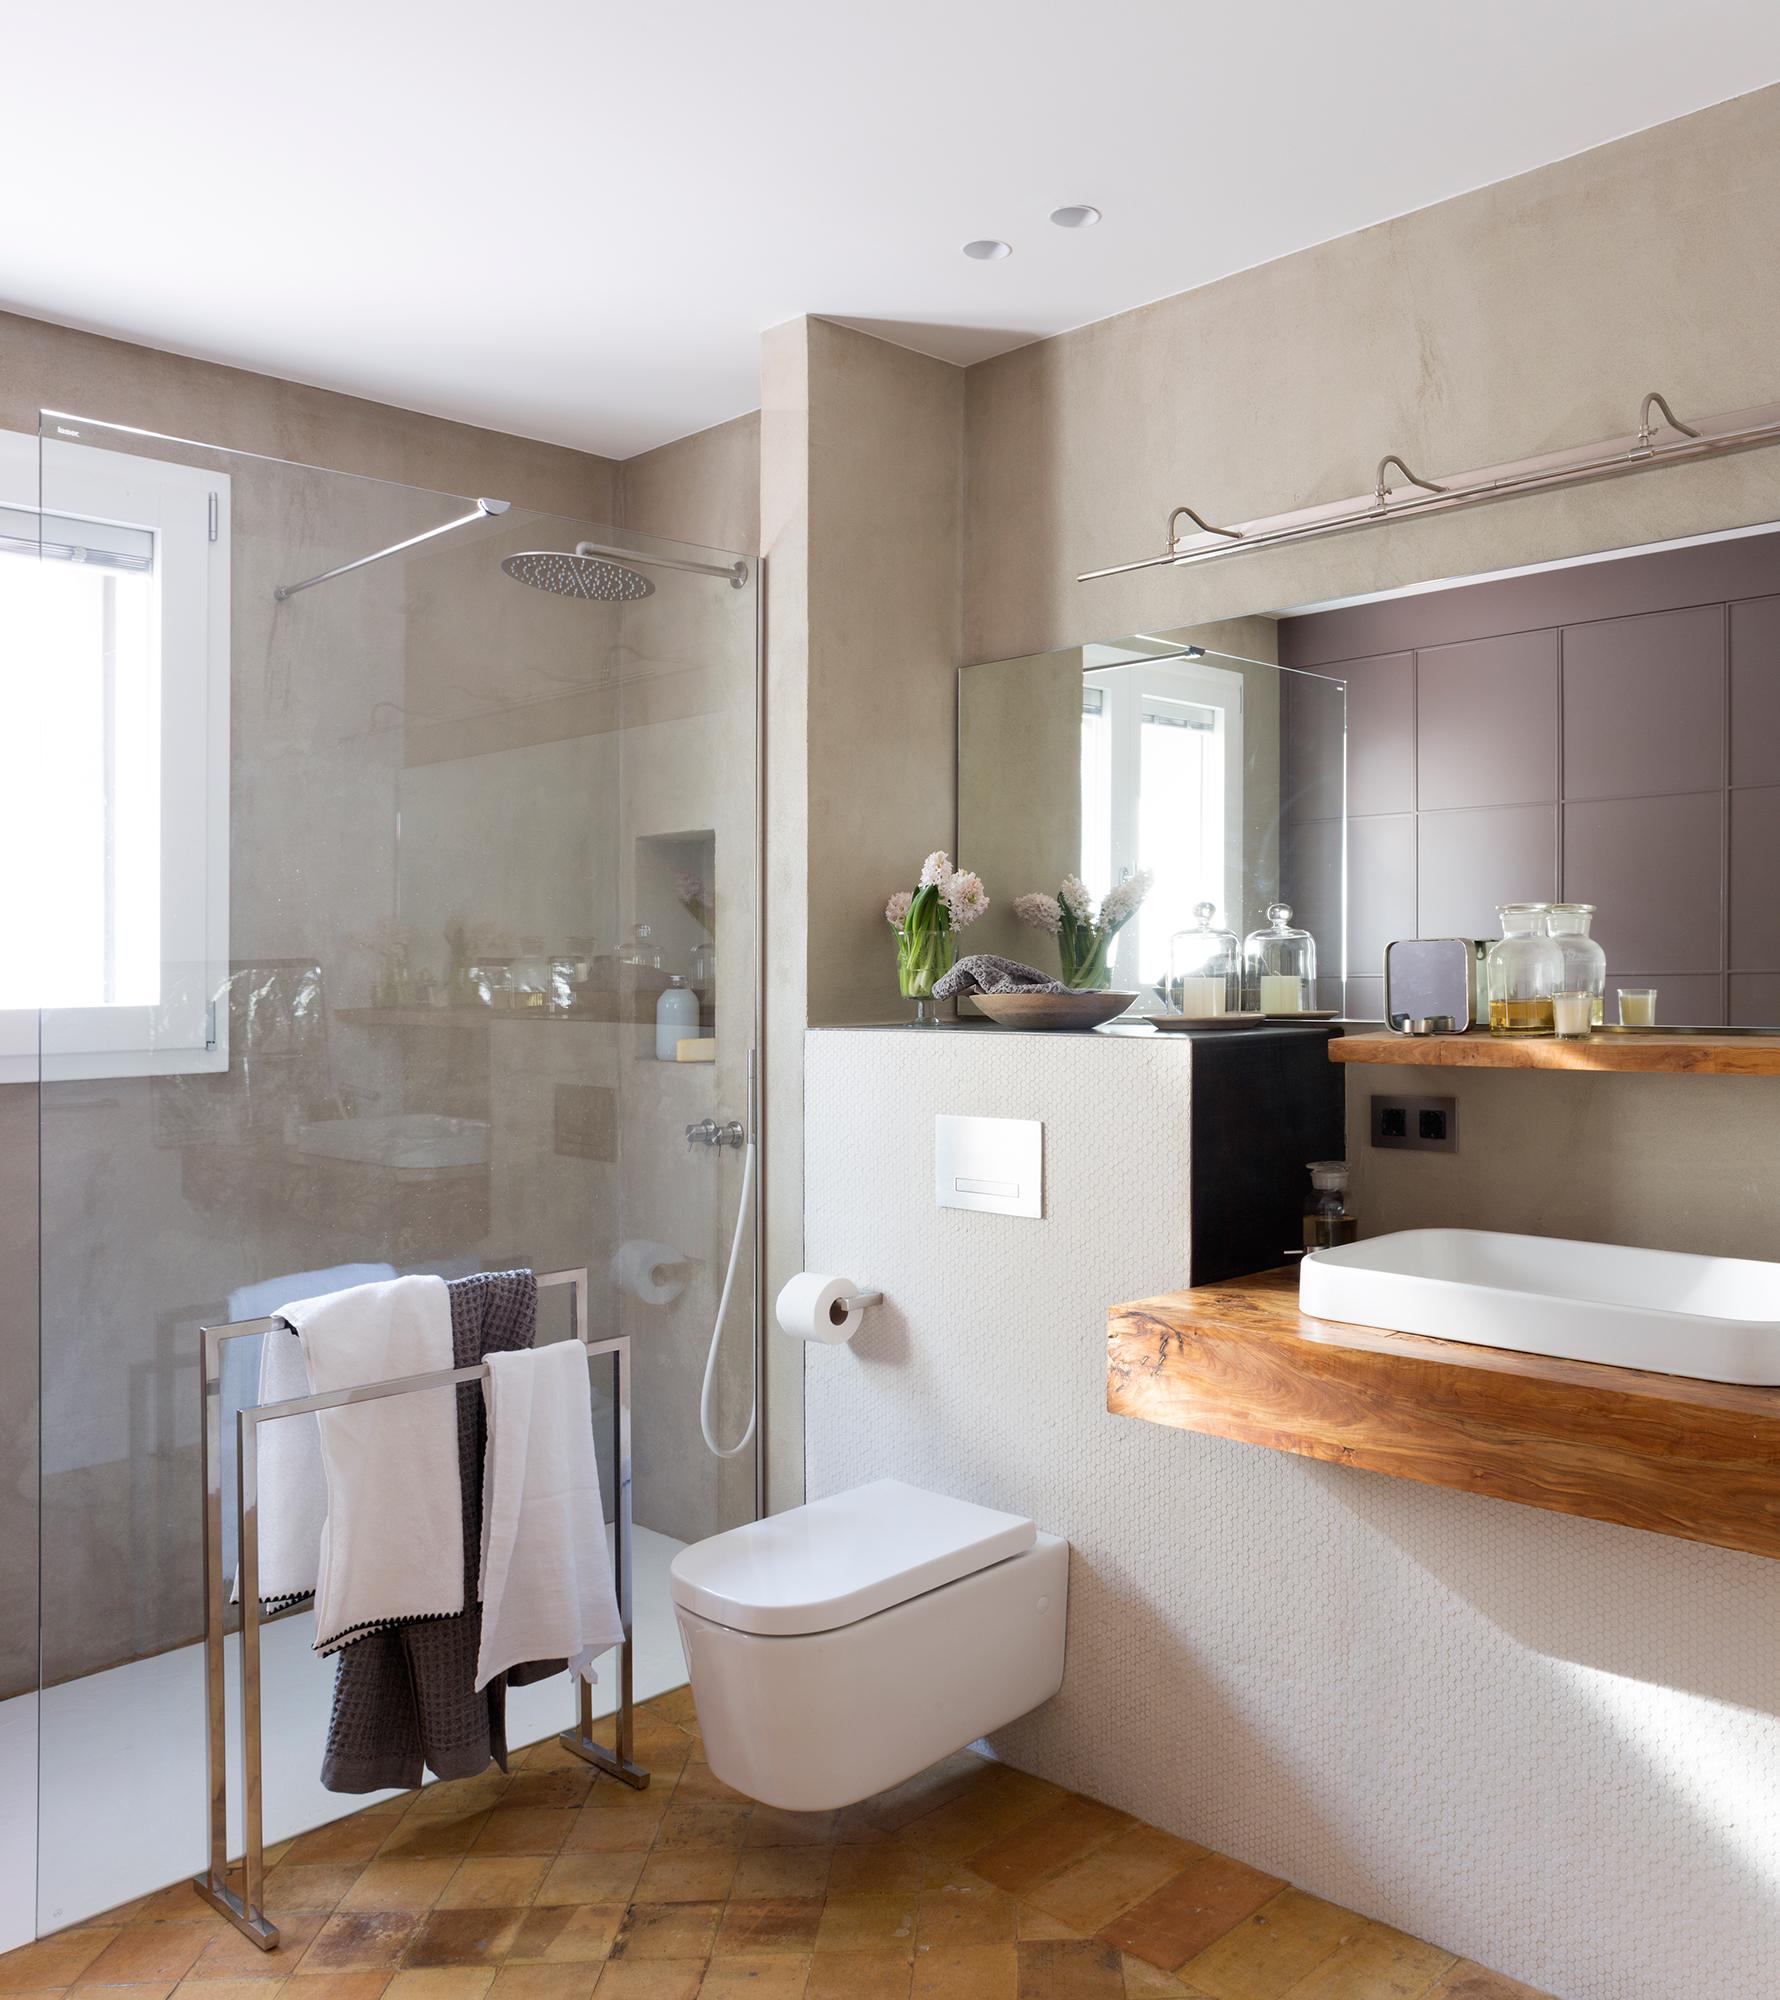 Sanitarios claves para elegir el lavamanos y el inodoro for Ducha para inodoro